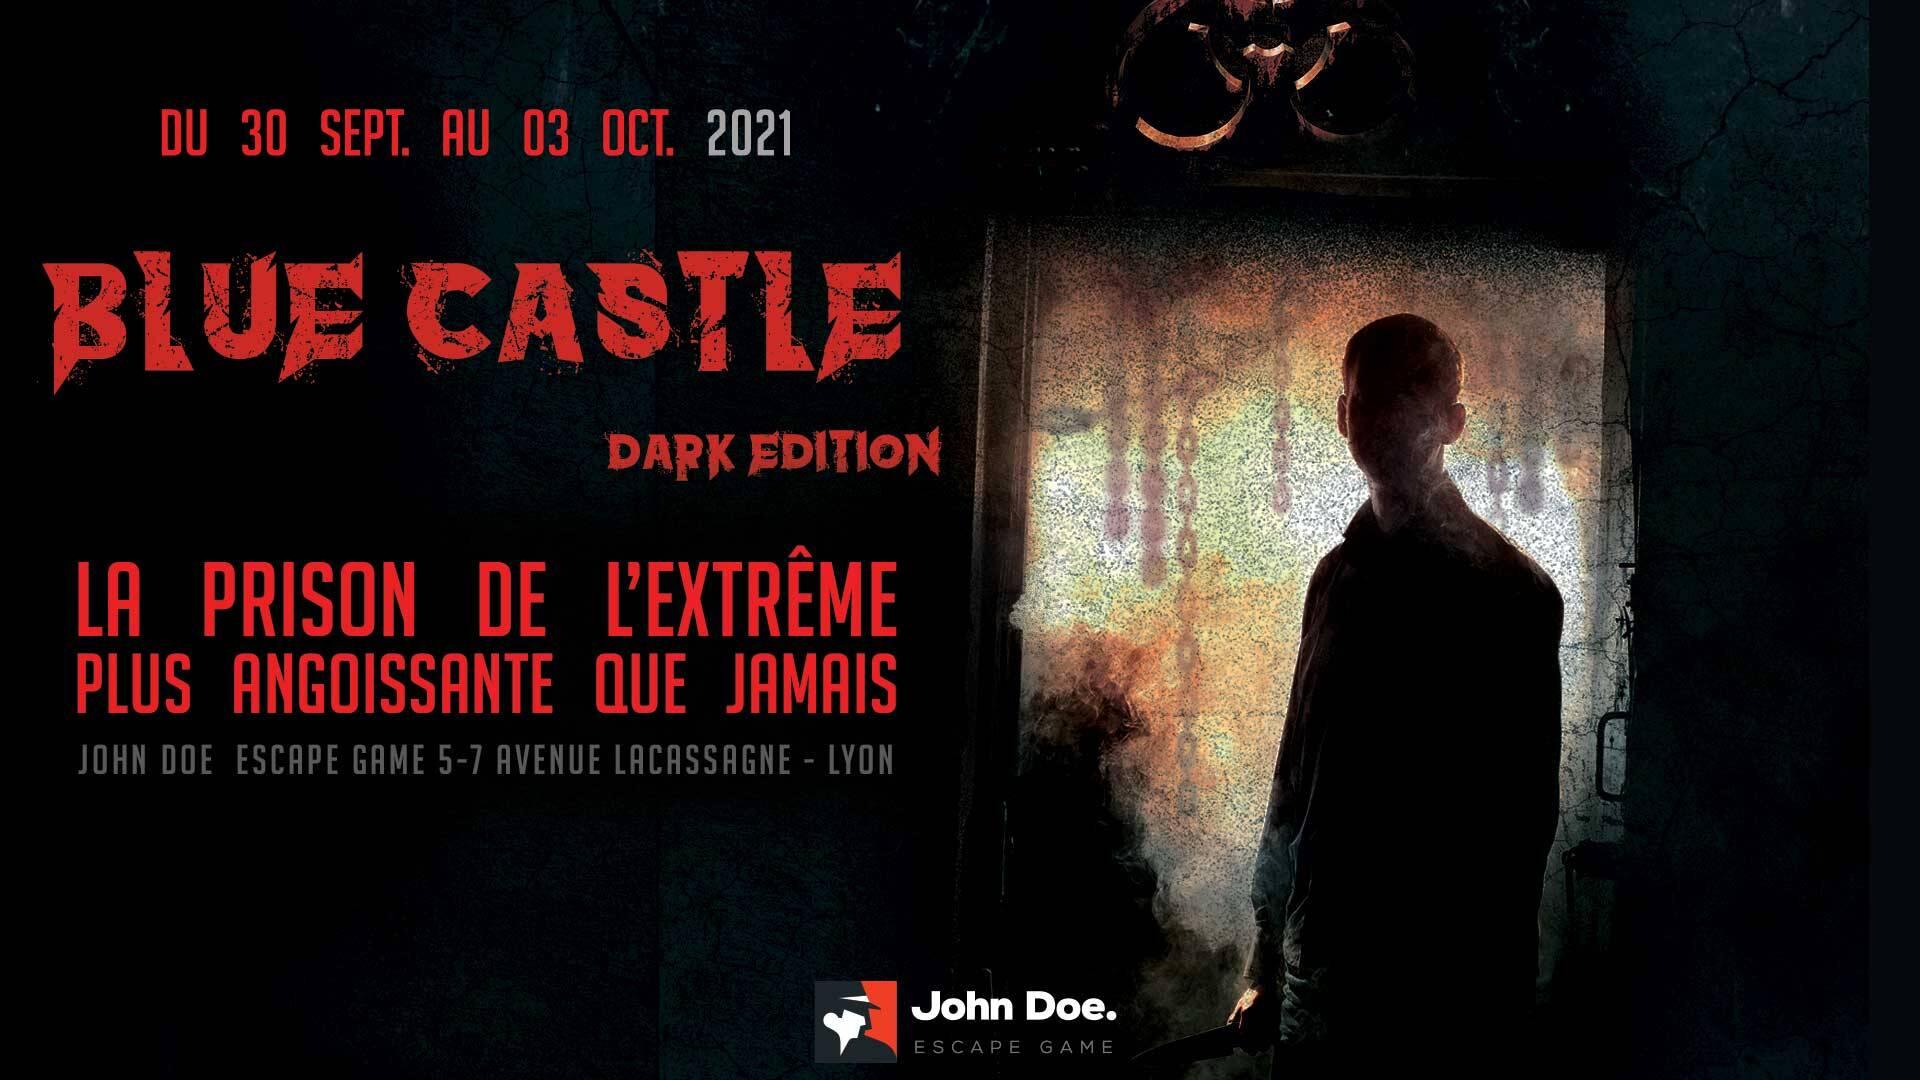 John Doe Escape Game : la mission Blue Castle revient en Dark Edition pendant 4 jours !